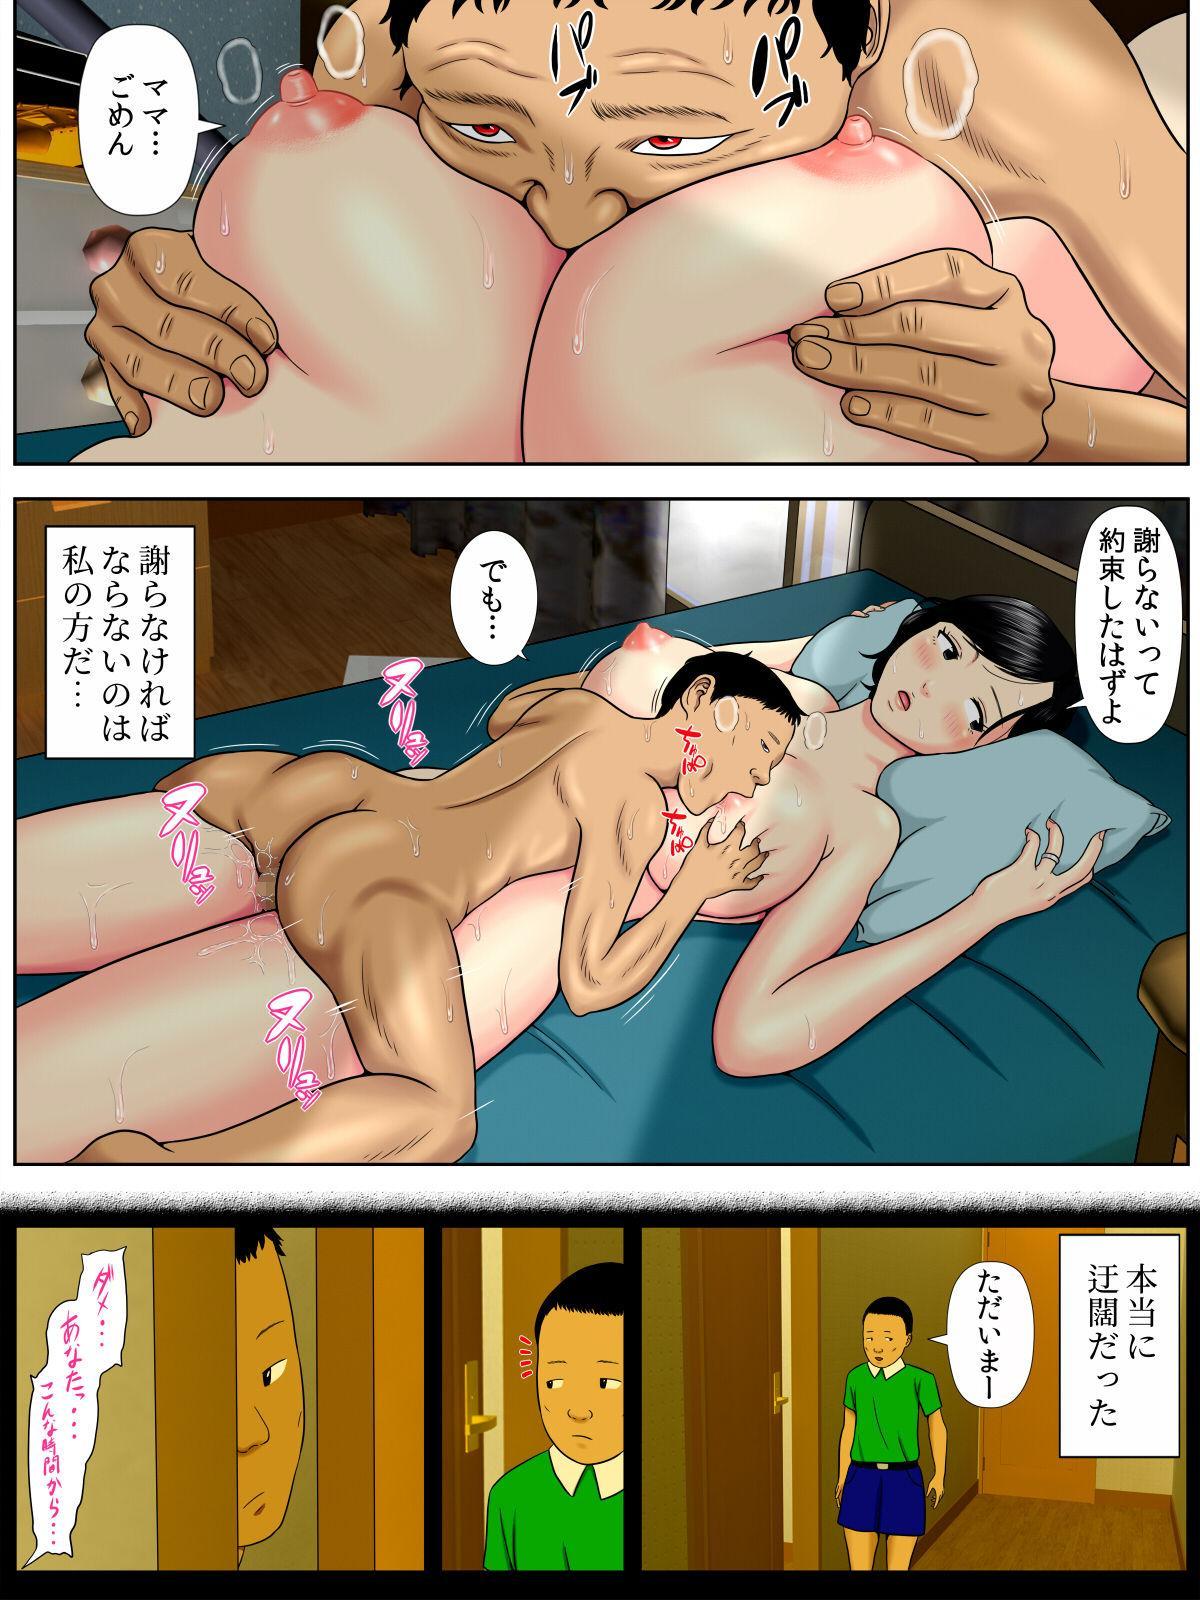 Sex Shinai to Shinu Yamai 22